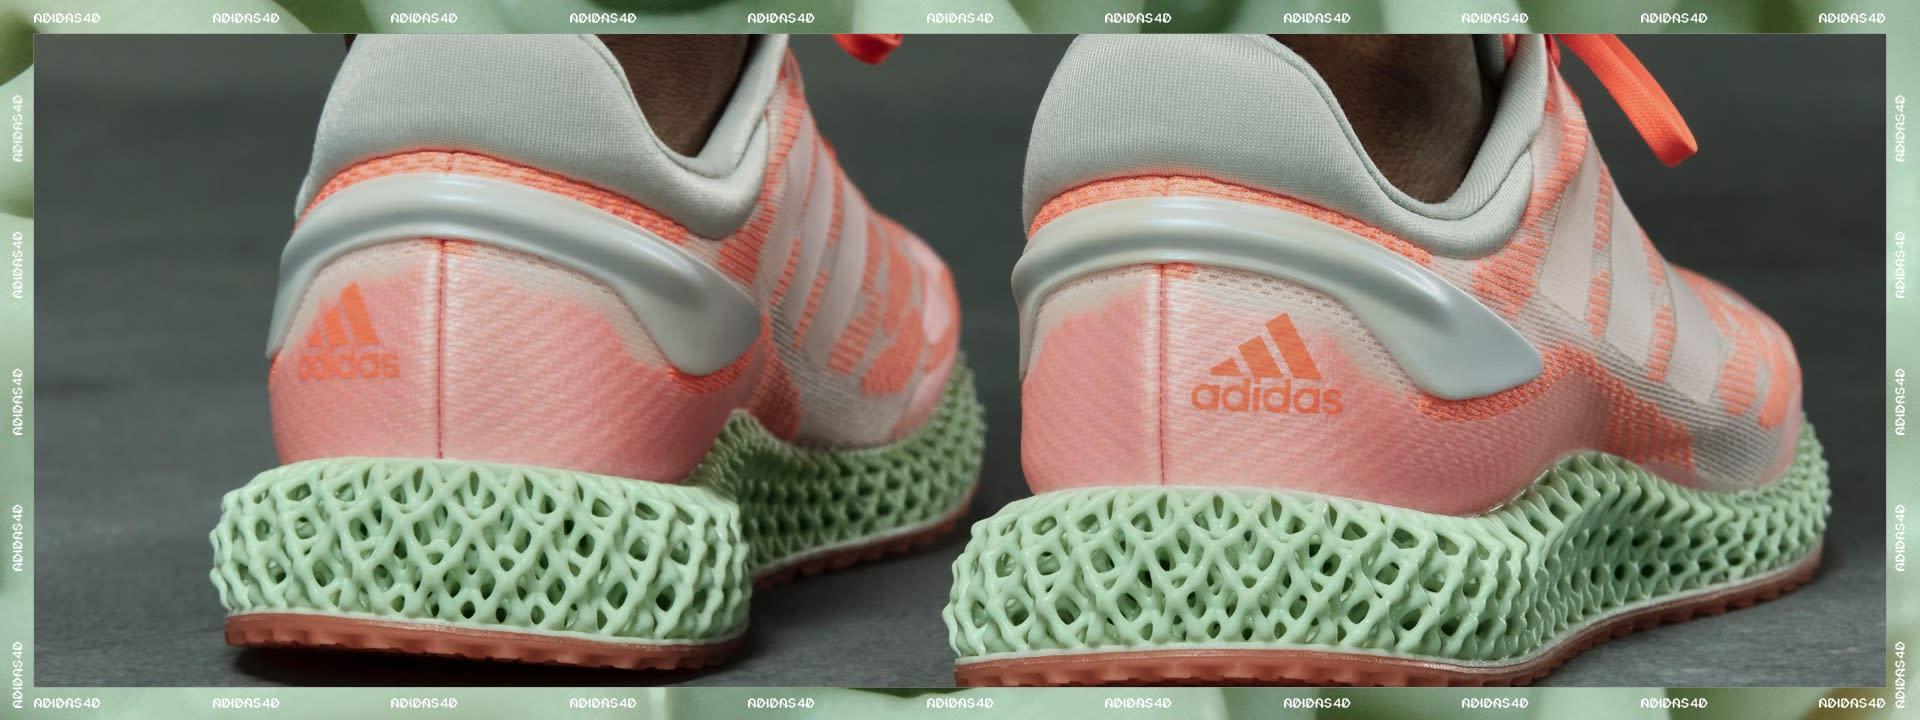 adidas damen jogginghose sportbedarf.de